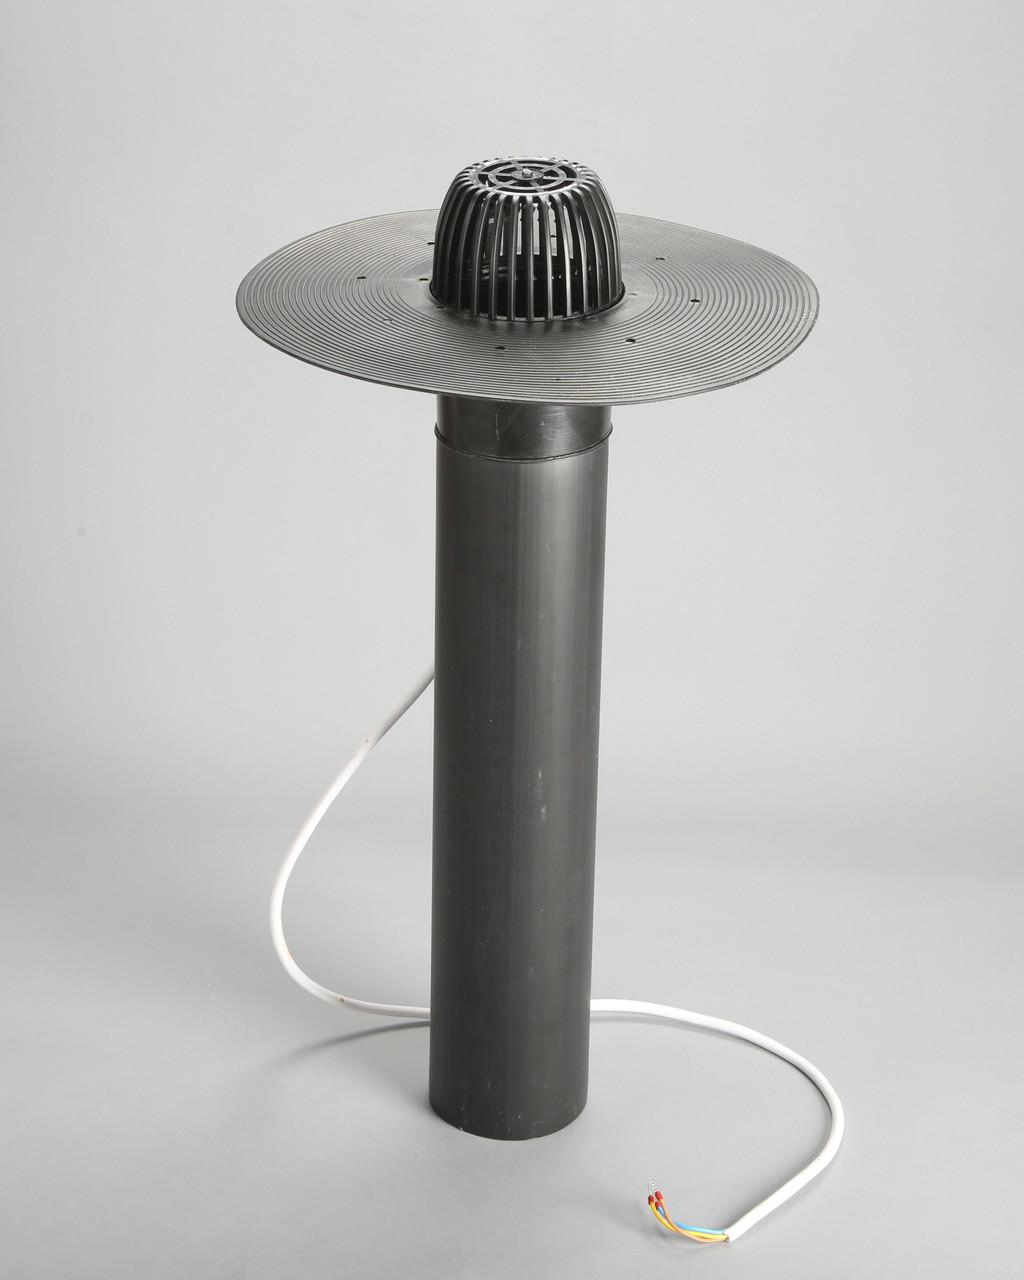 Кровельная воронка с системой обогрева, 110/600 мм